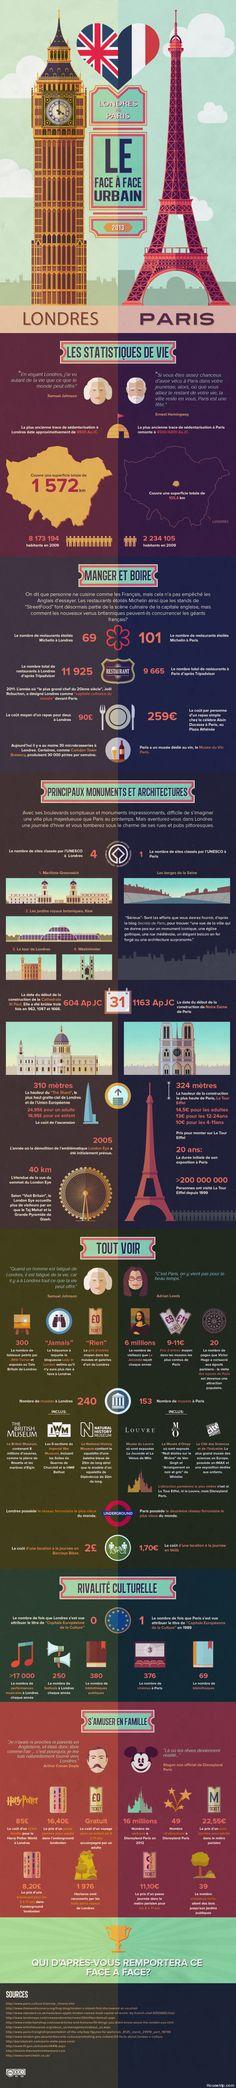 infographie londrès paris - Intéressante et bien faite, même si certaines données comparées sont ambiguës.